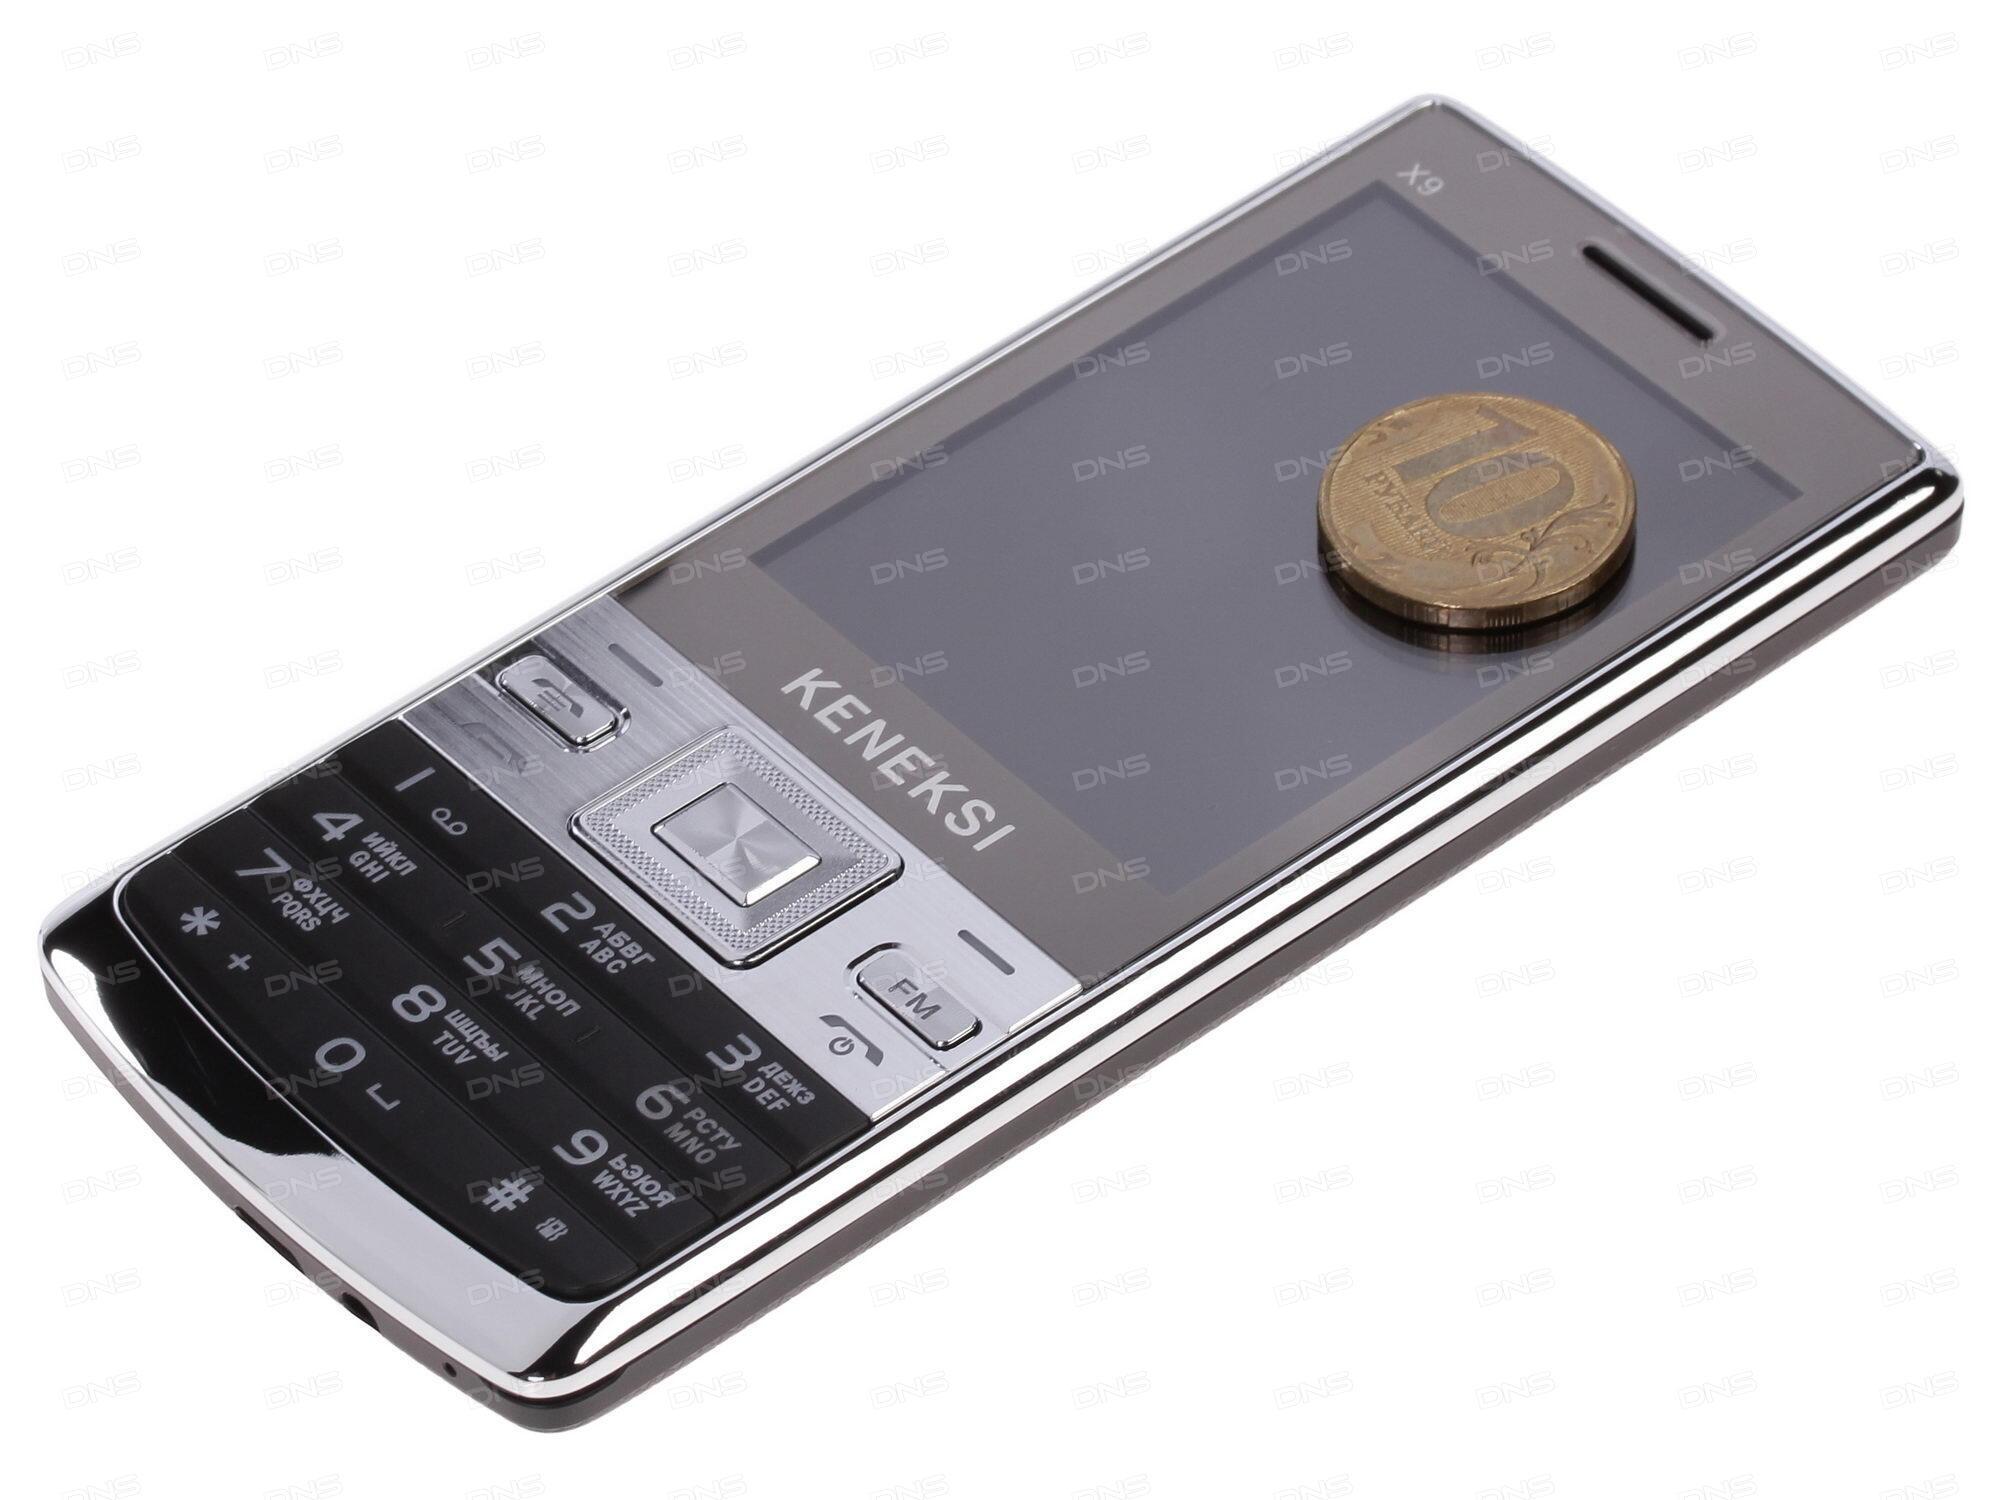 Интернетмагазин смартфонов планшетов и чехлов  Qukeru